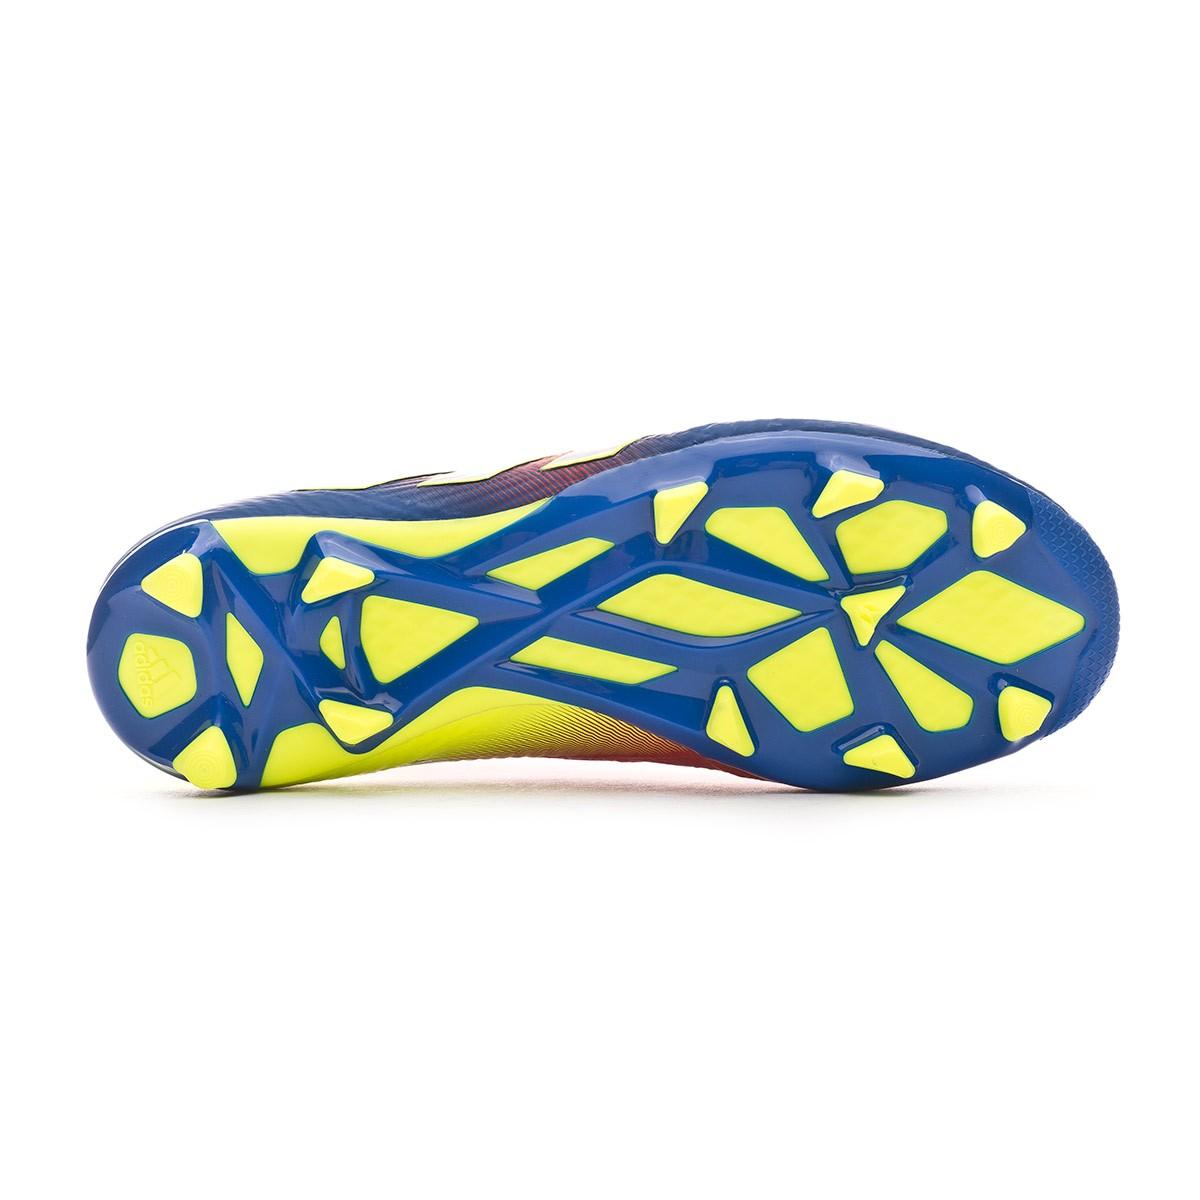 atractivo Zapatos antideslizantes Araña de tela en embudo  Bota de fútbol adidas Nemeziz Messi 18.1 FG Niño Active red-Silver  metallic-Football blue - Tienda de fútbol Fútbol Emotion